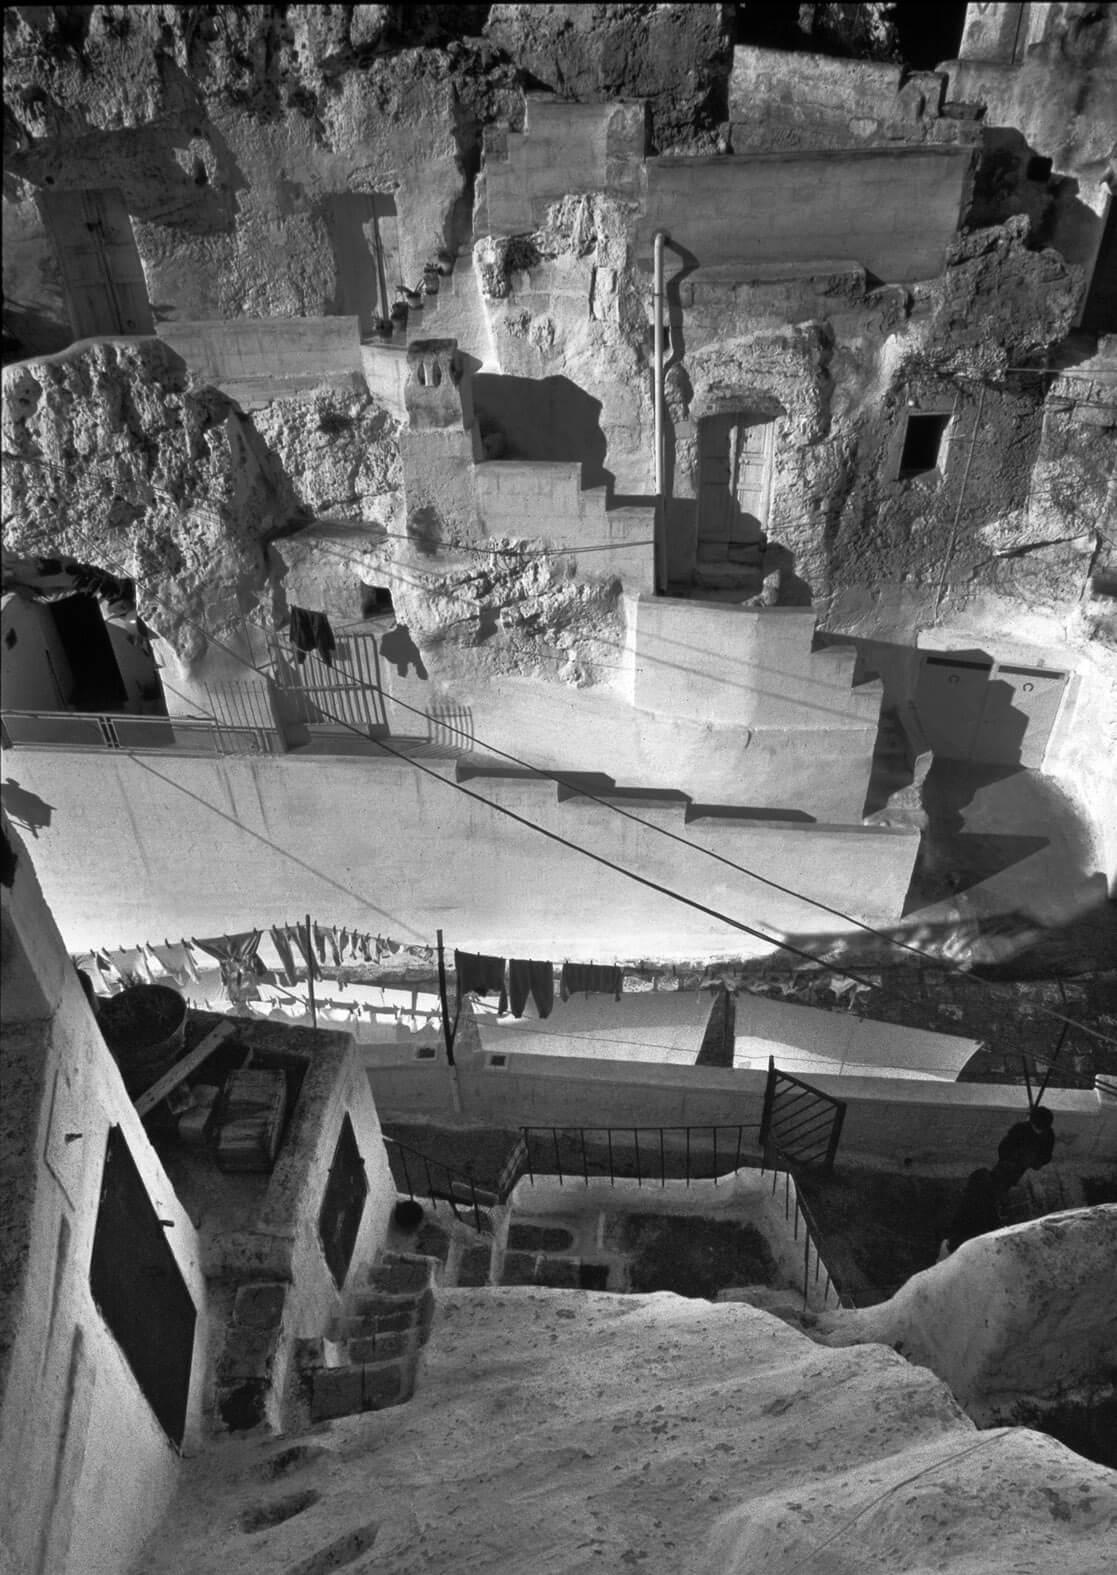 Massafra, Taranto, 1991© Ferdinando Scianna_MagnumPhotos_Contrasto